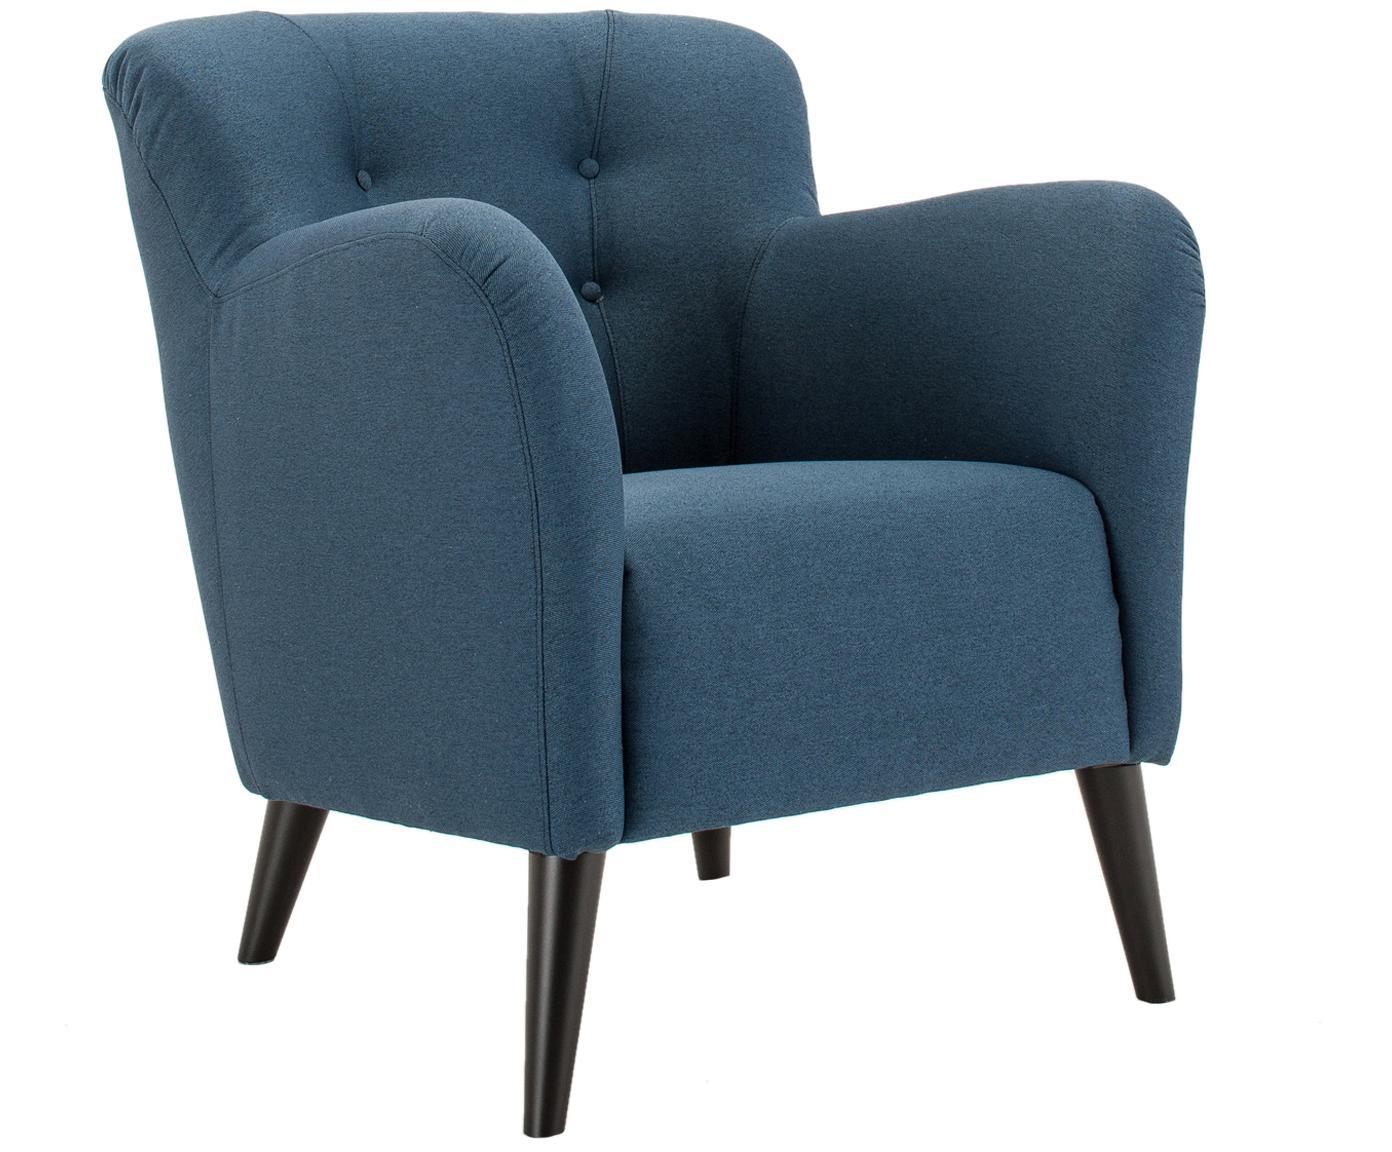 Fauteuil Retro, Frame: Hout, Poten: Beukenhout, gelakt, Hoes: Blauw. Poten: Zwart, 75 x 84 cm